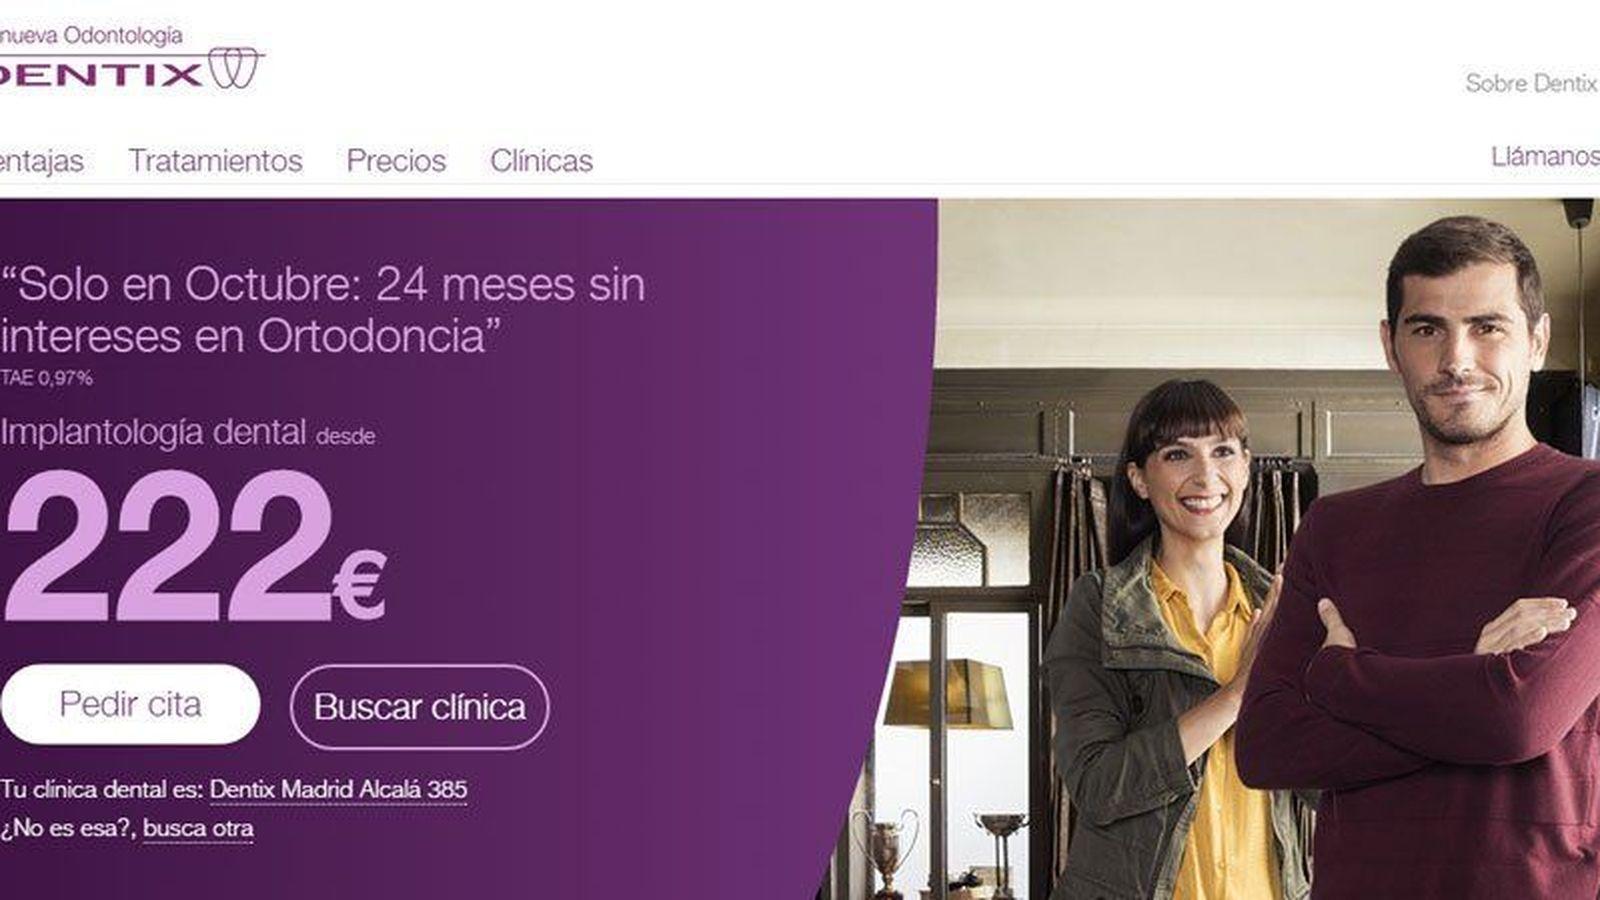 592be76bd1fd Los colegios advierten  Ojo con los implantes de 222 euros de Dentix y  Casillas